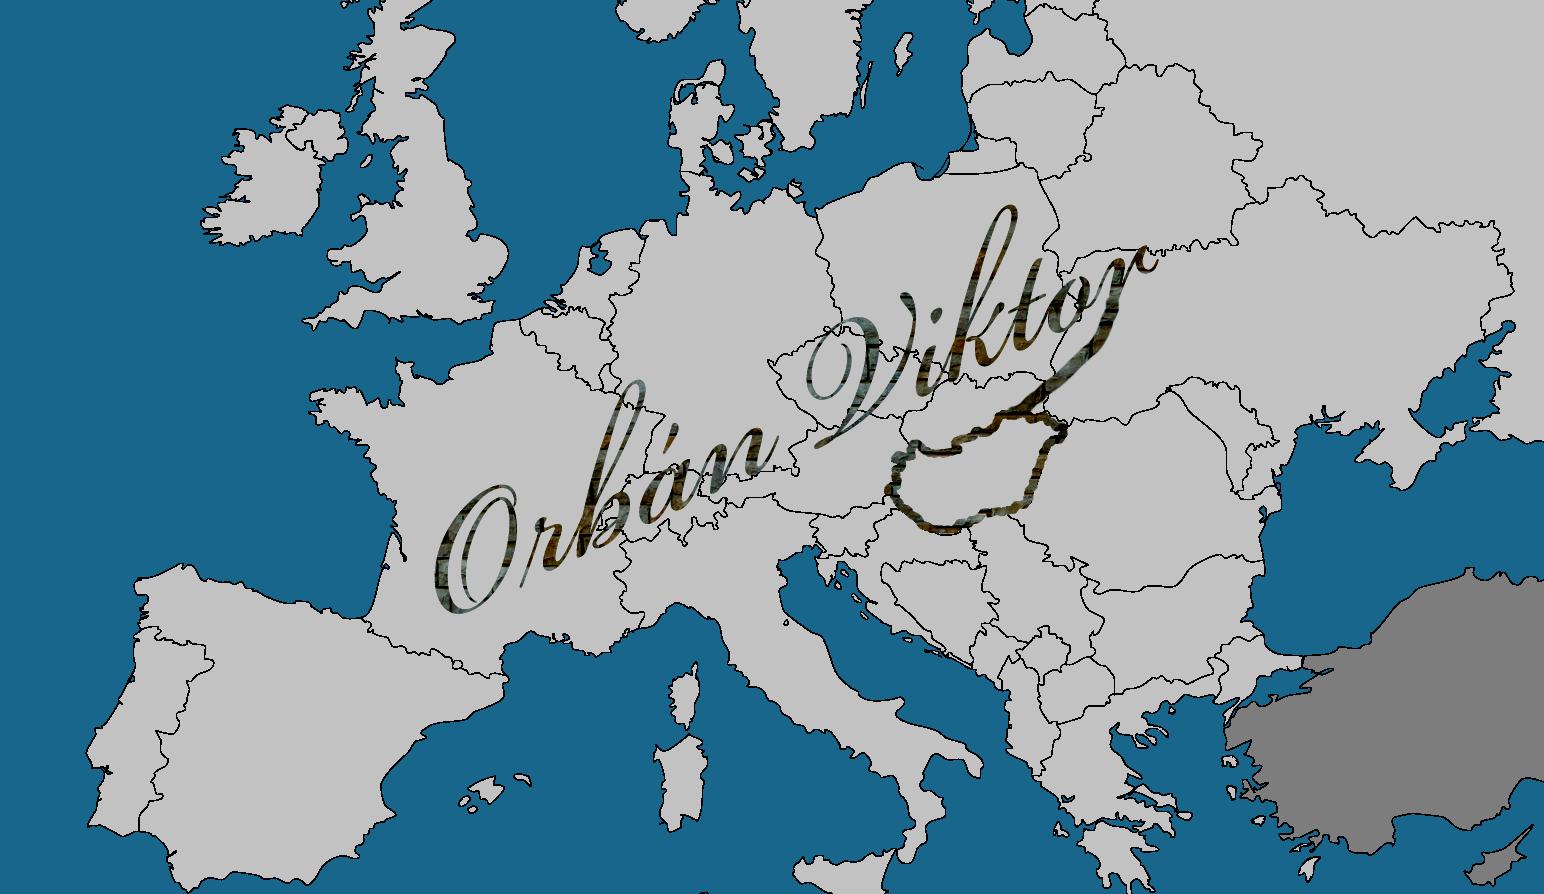 orbanifal